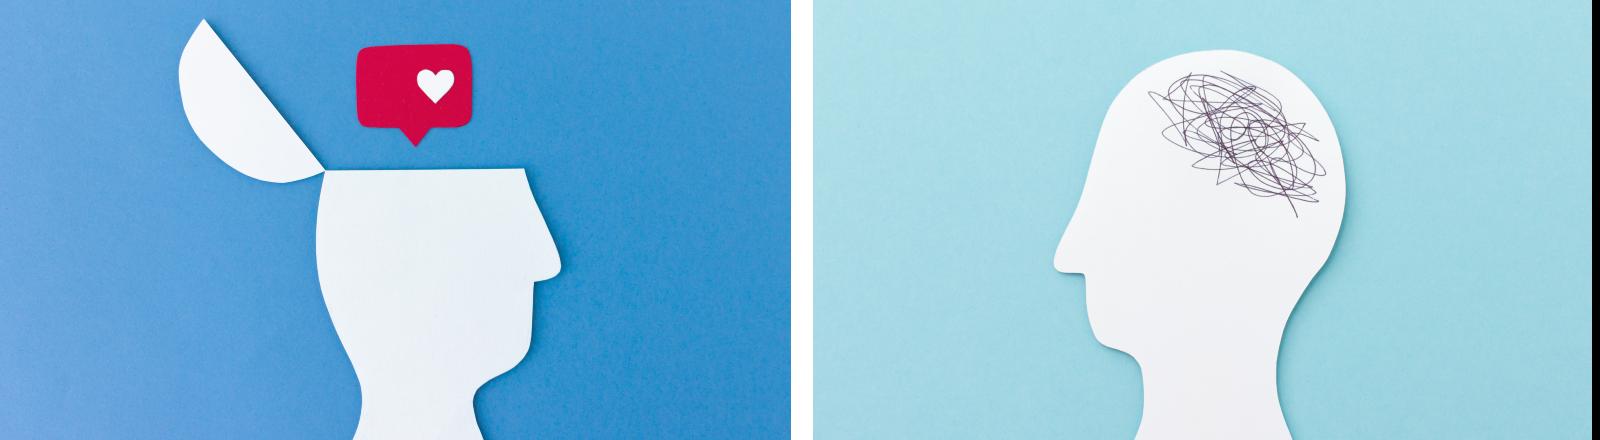 Zwei stilisierte Köpfe schauen sich an. Aus dem einen (rechts) kommt ein Instagram-Herz, im anderen ist ein Wollknäul an der Stelle des Hirns.